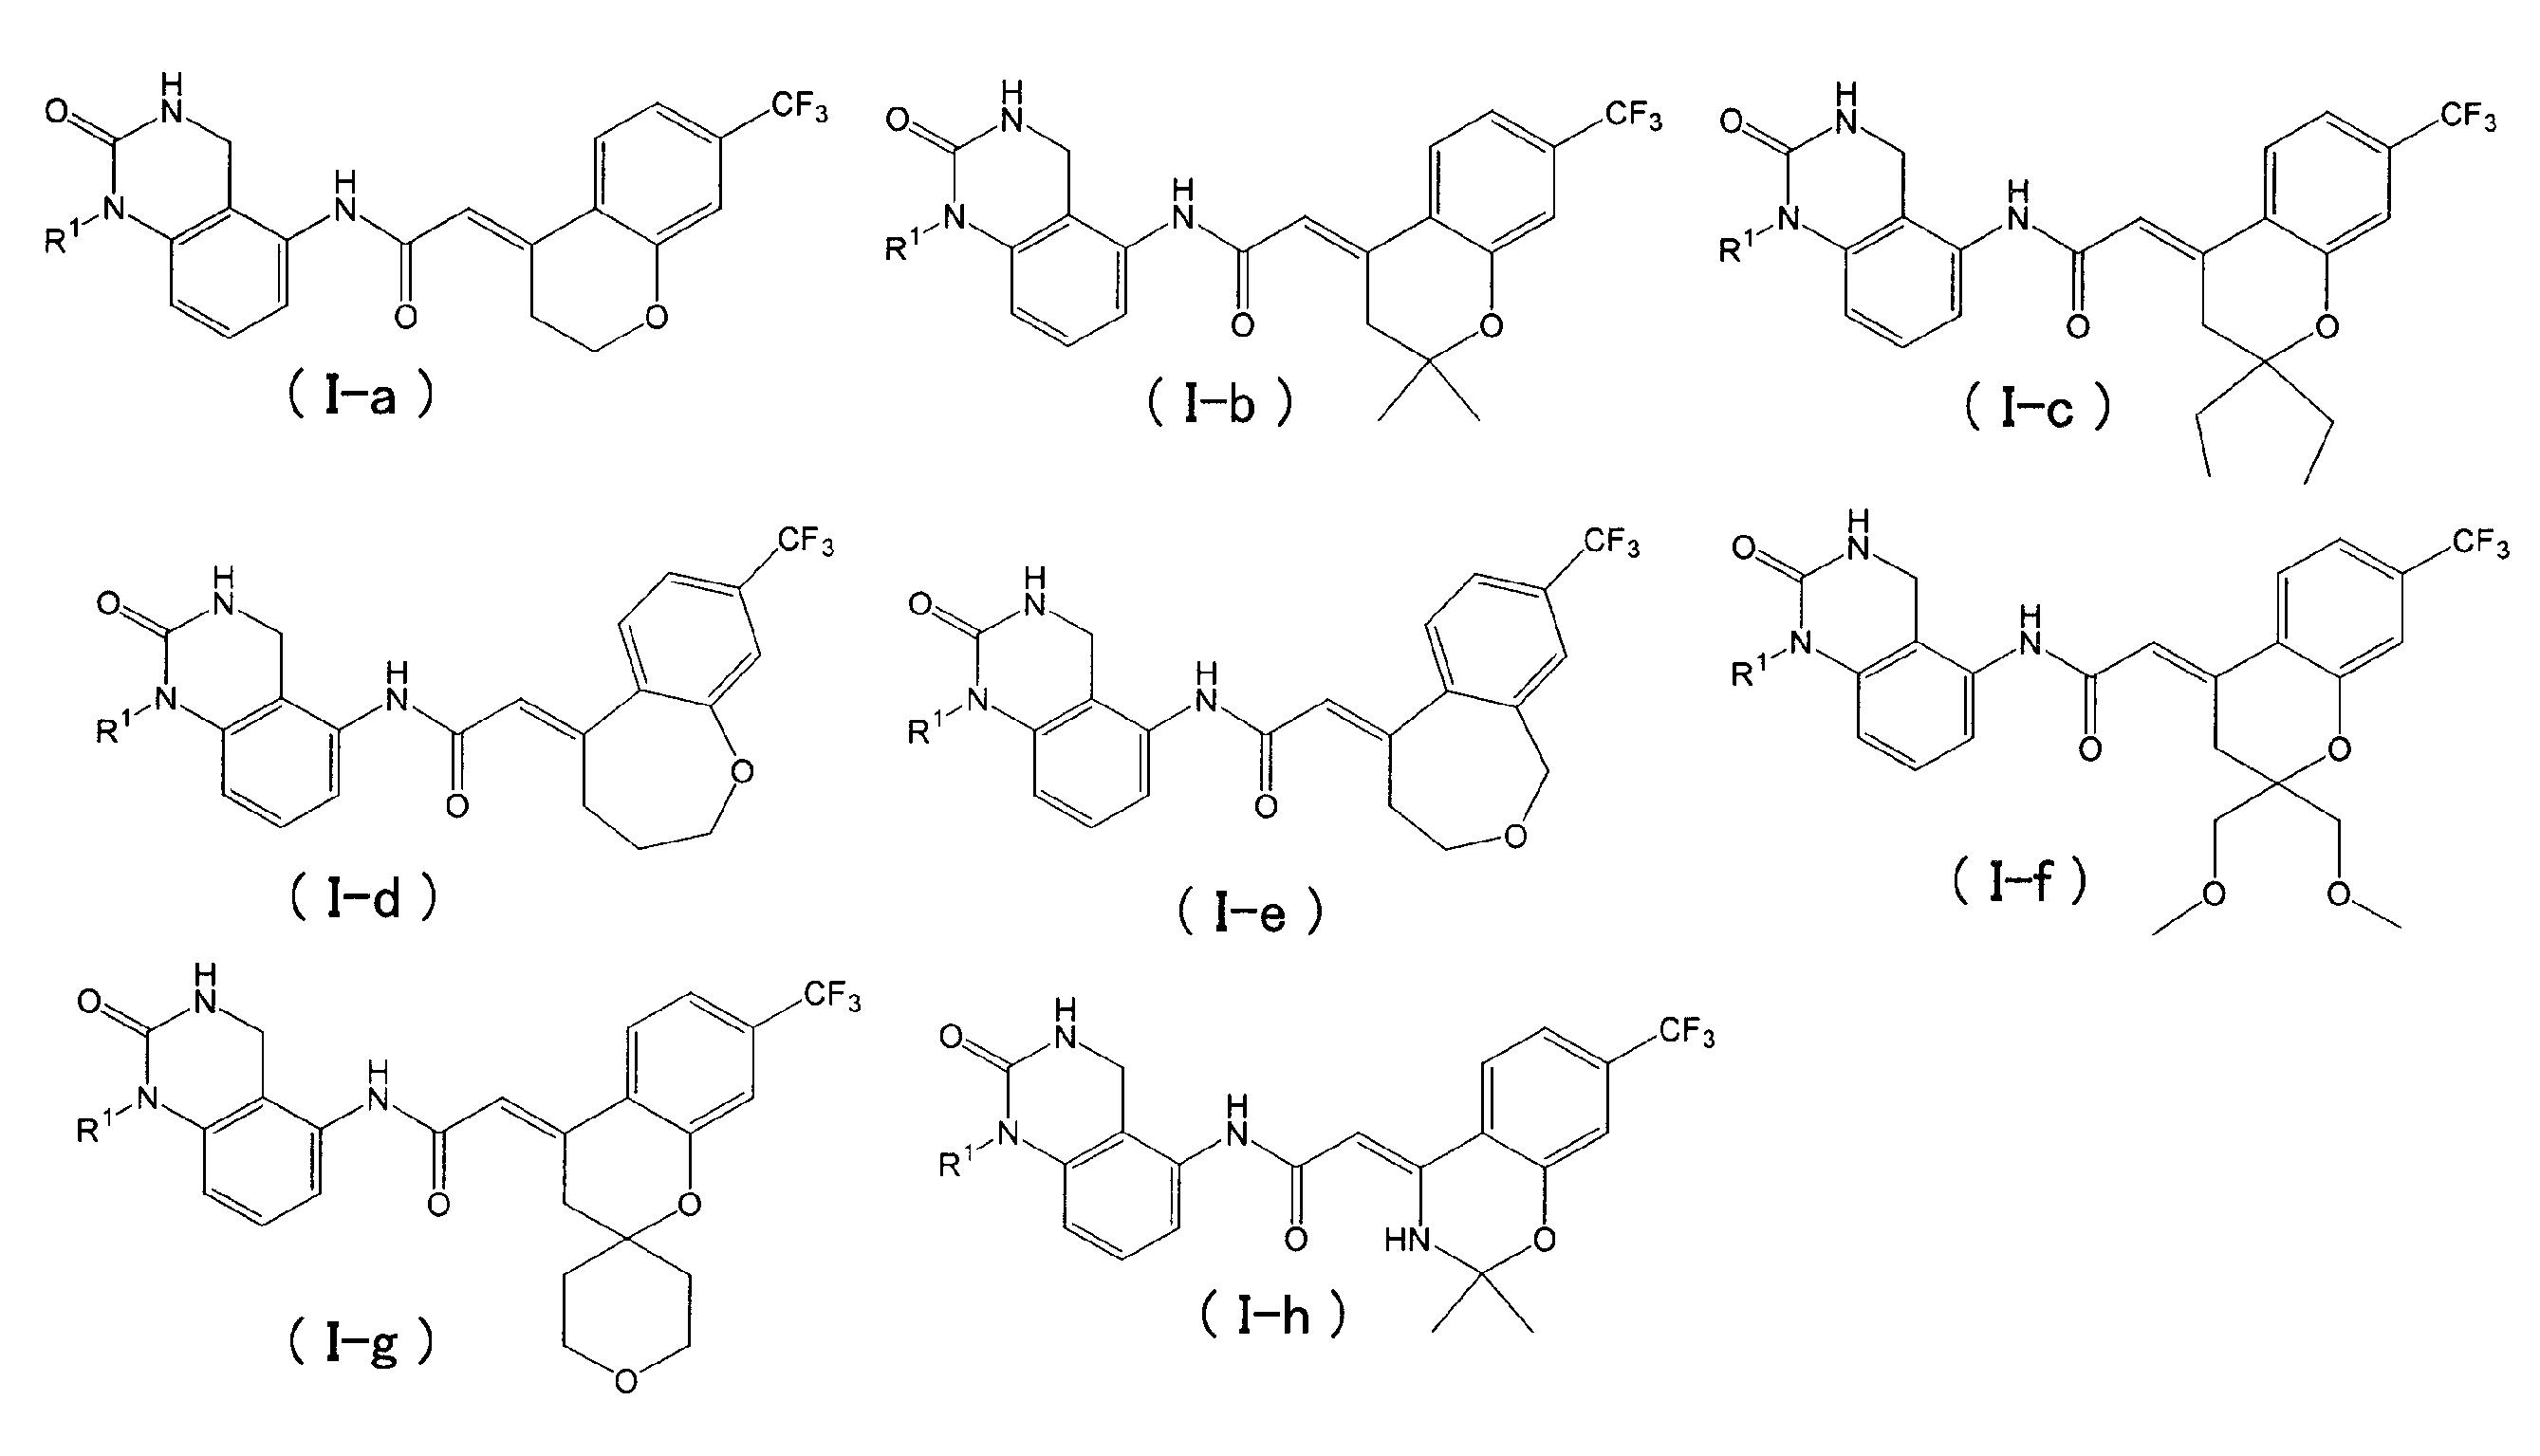 1,3,2,4-ジチアジホスフェタン 2,4-ジスルフィド